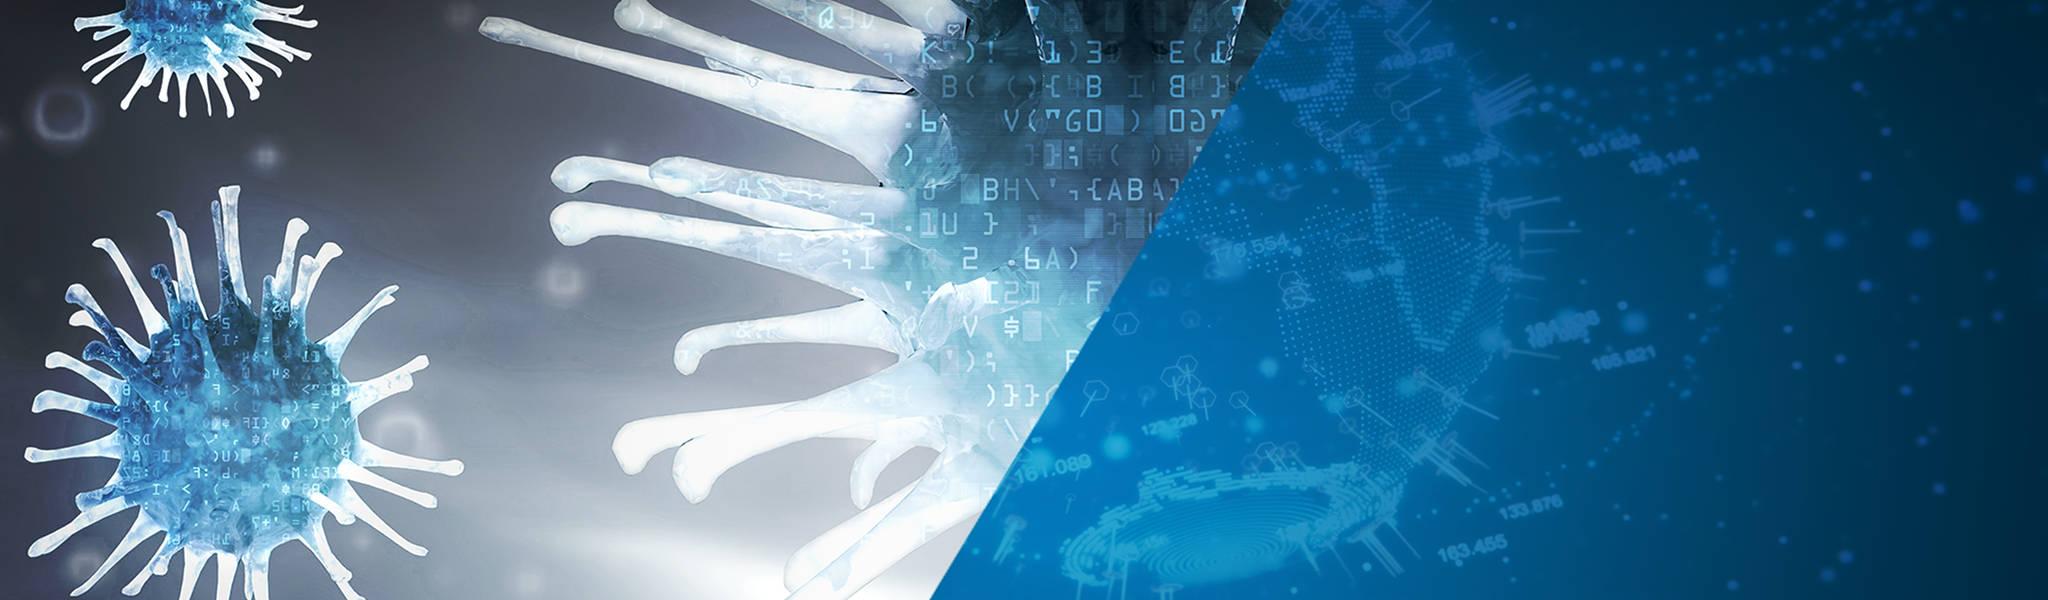 Vergrößerte Viren, die das Thema Schadsoftware illustrieren